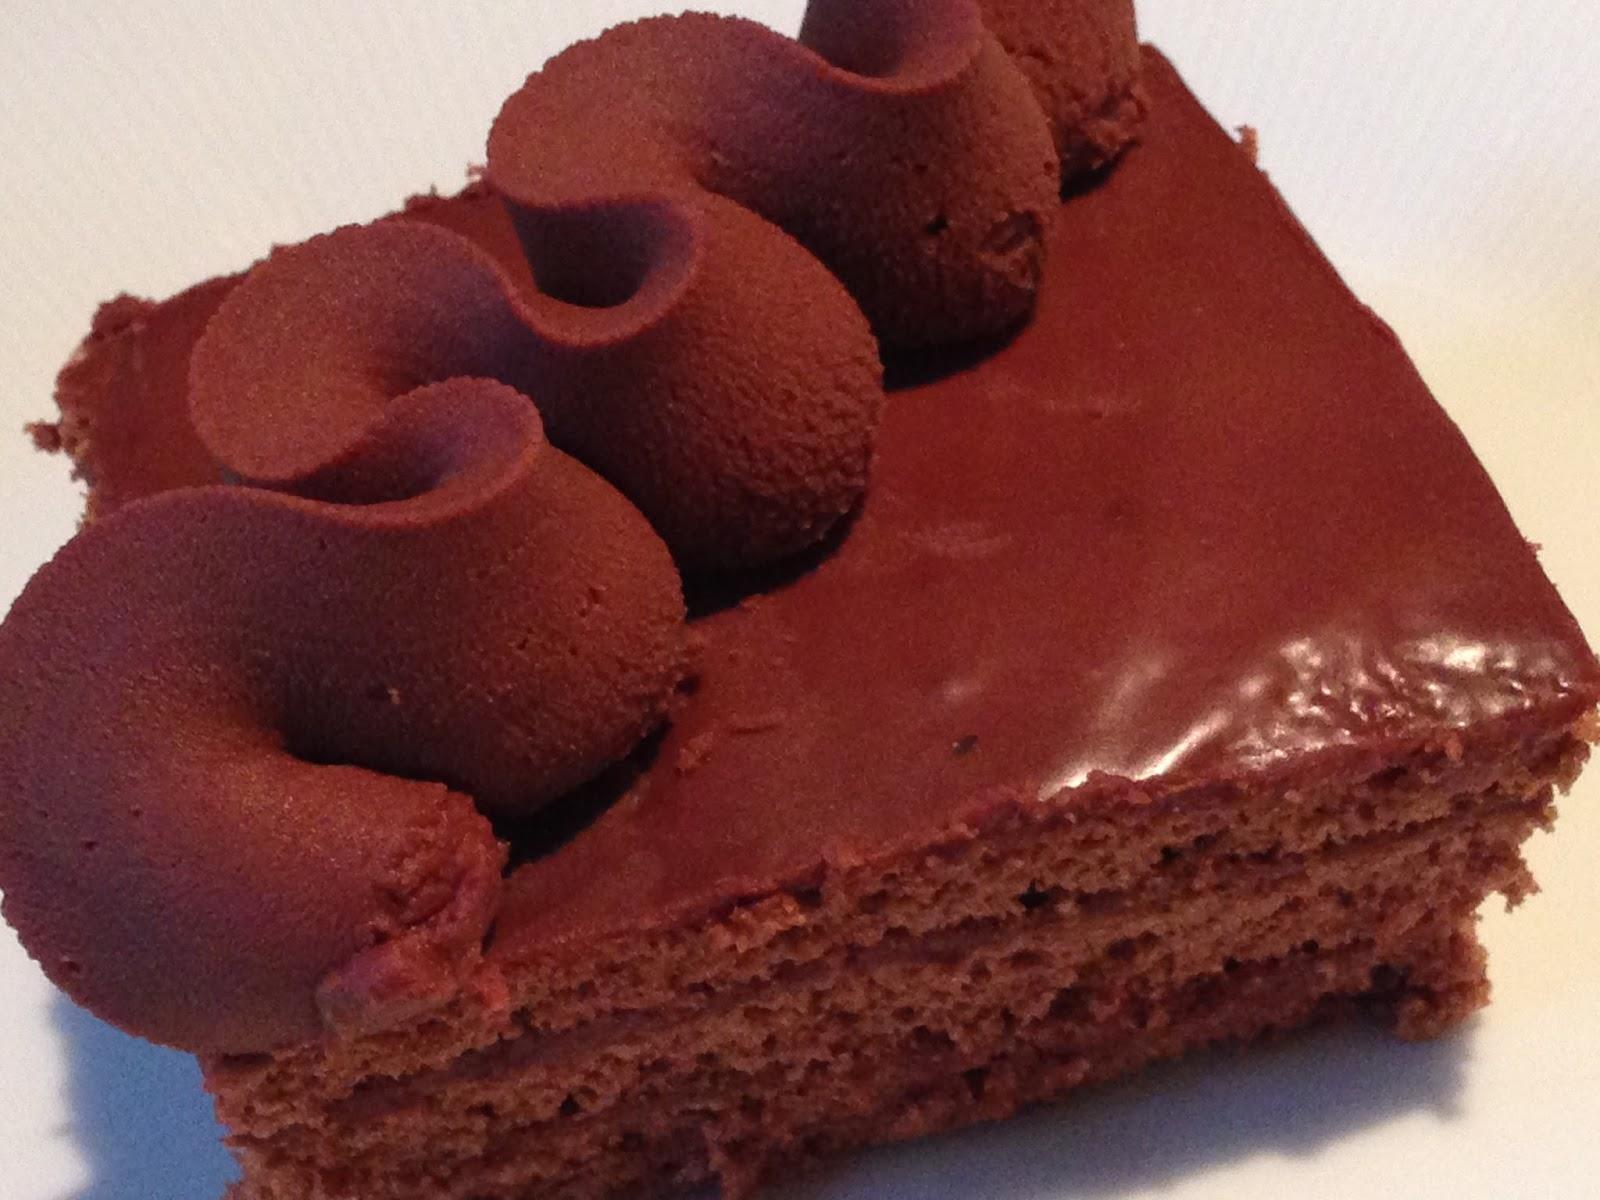 Torte Da Credenza Al Cioccolato : Torta al cioccolato farcita con ganache fondente